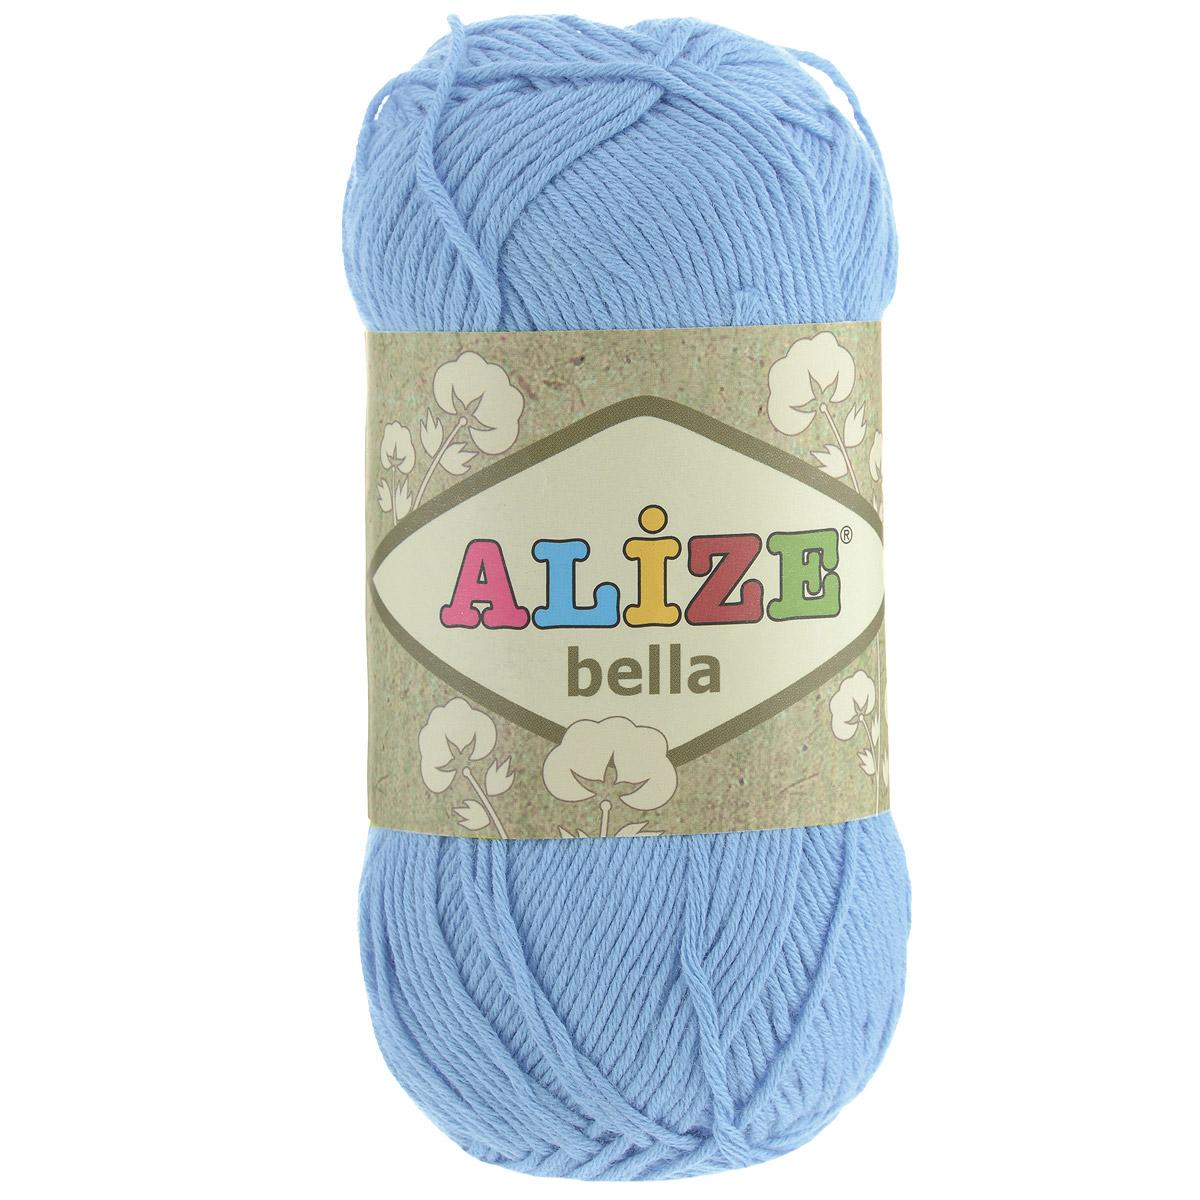 Пряжа для вязания Alize Bella, цвет: голубой (40), 180 м, 50 г, 5 шт364124_40Пряжа Alize Bella подходит для ручного вязания детям и взрослым. Пряжа однотонная, приятная на ощупь, хорошо лежит в полотне. Изделия из такой нити получаются мягкие и красивые. Рекомендованные спицы 2-4 мм и крючок для вязания 1-3 мм. Комплектация: 5 мотков. Состав: 100% хлопок.